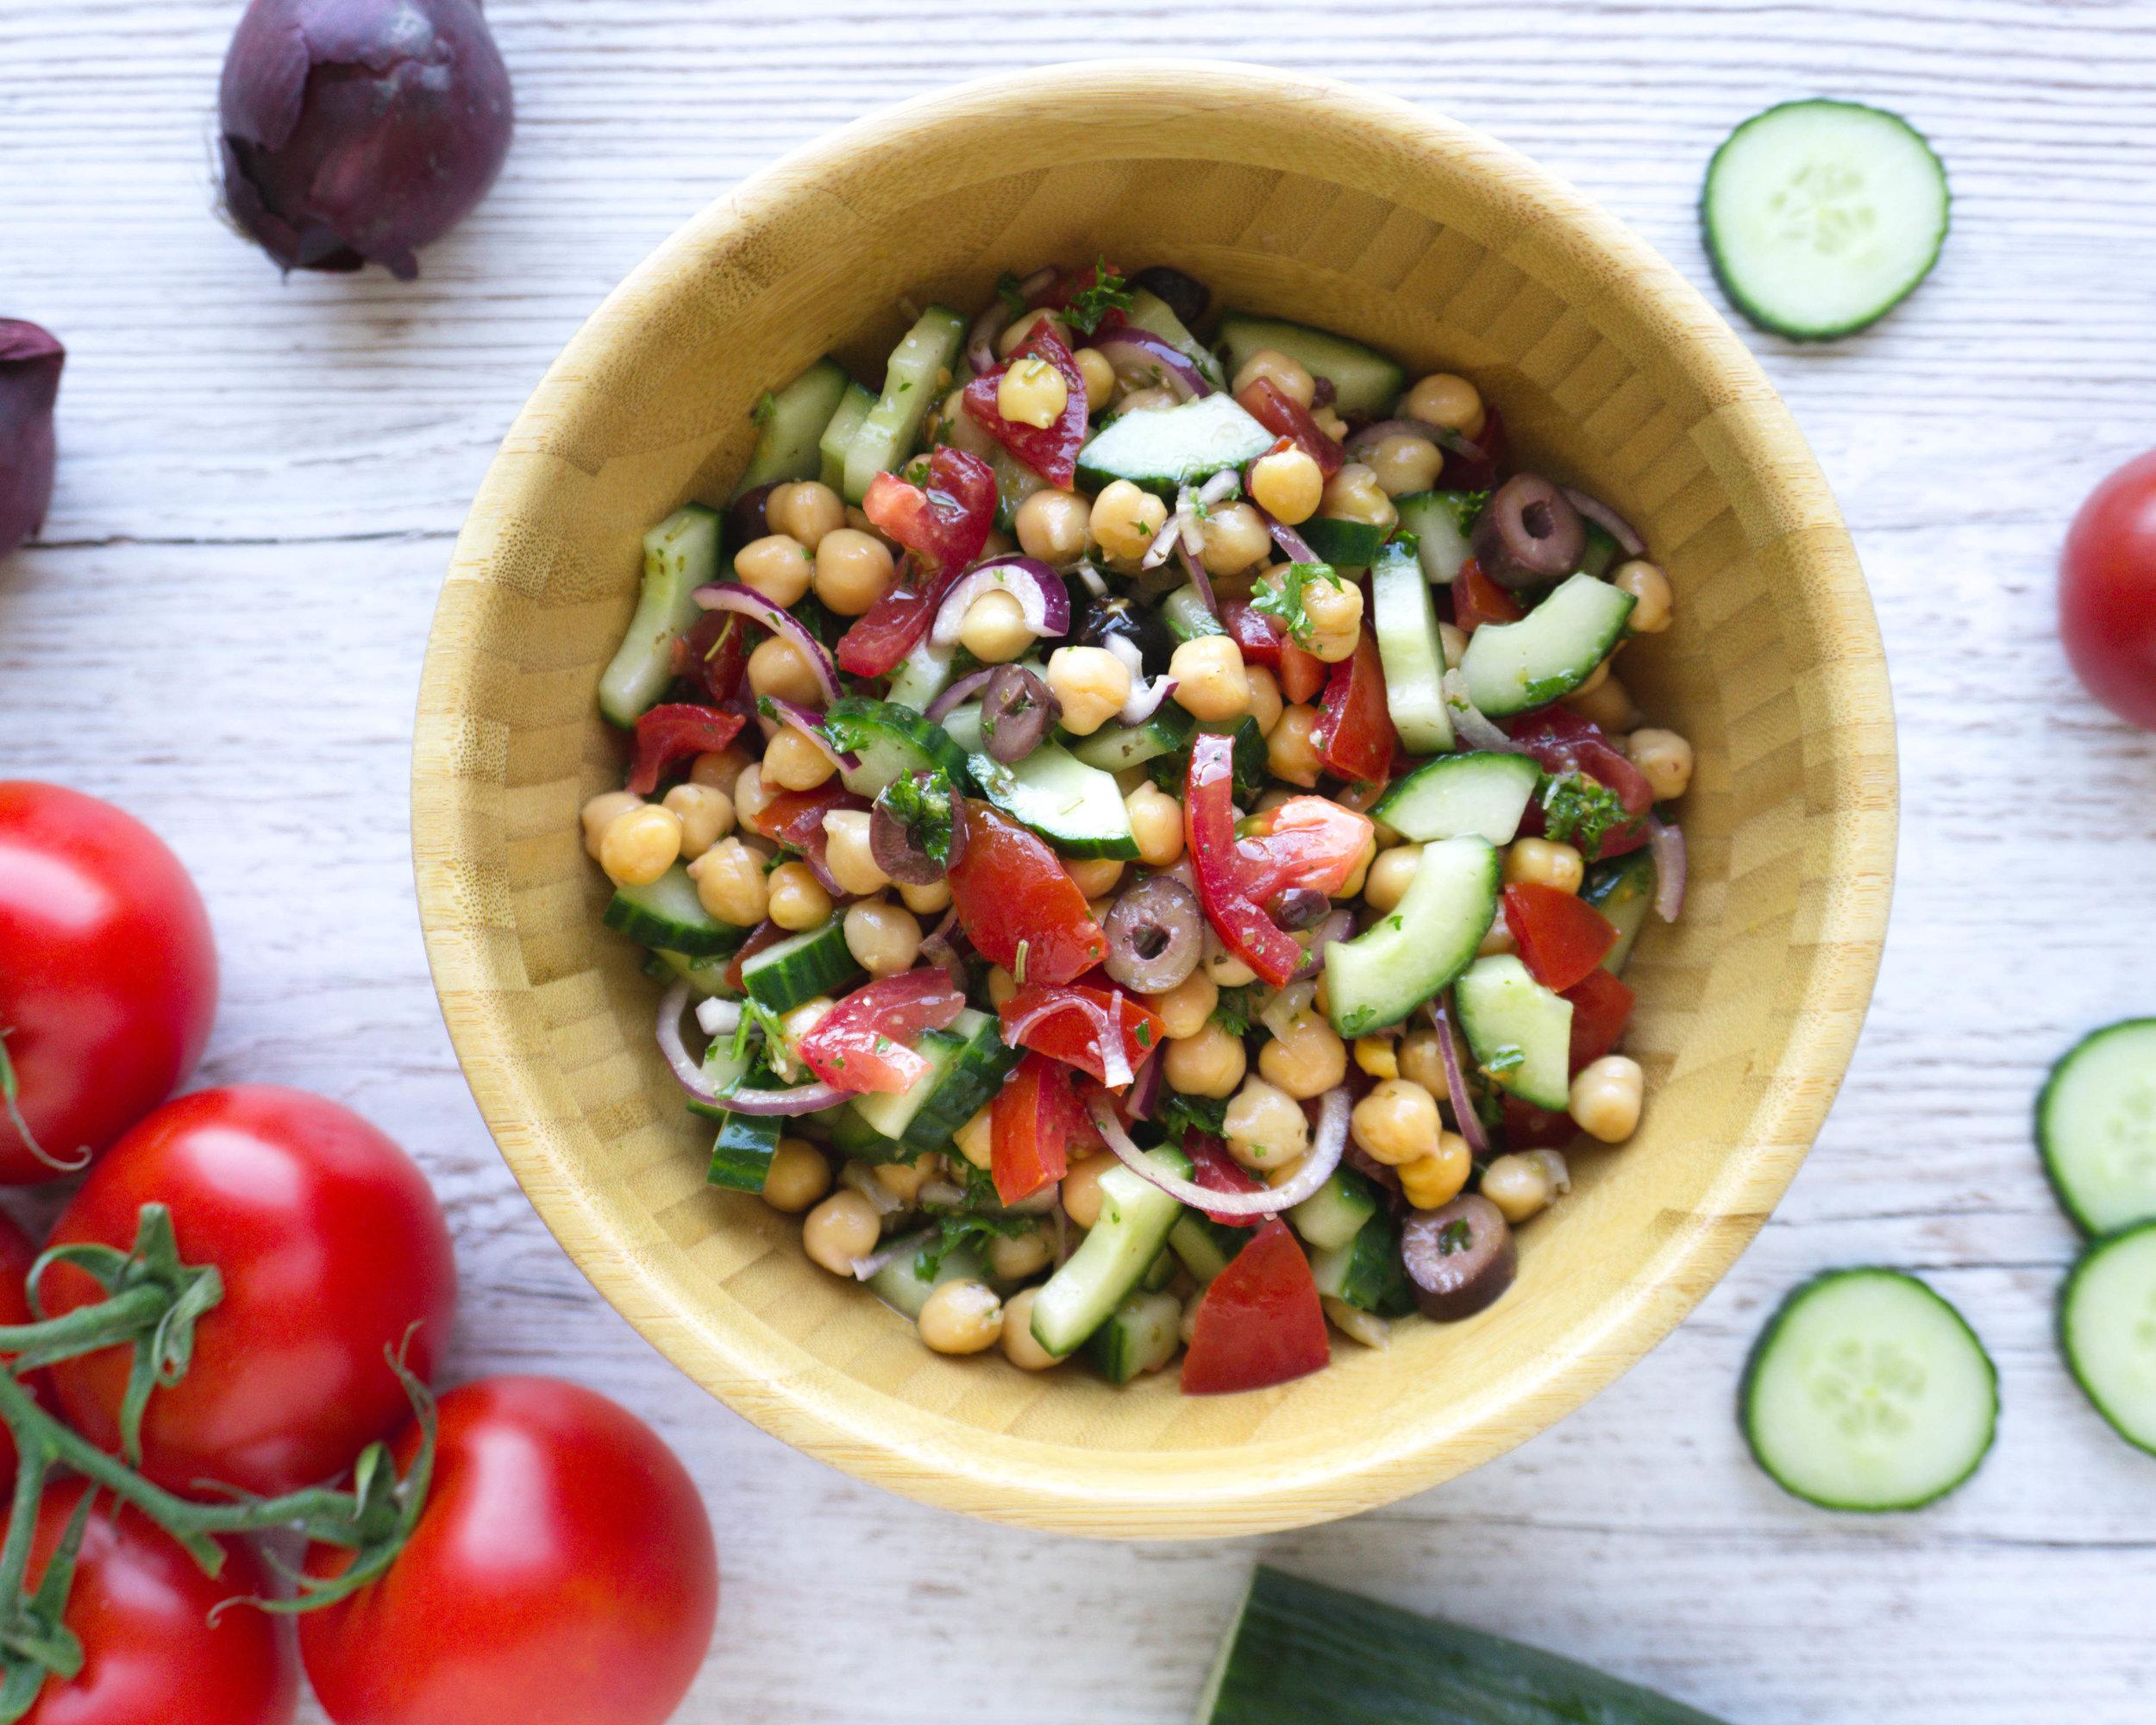 griechischer Bauernsalat mit Kichererbsen und Zitronen-Senf Vinaigrette (Vegan, Glutenfrei, Zuckerfrei).jpg